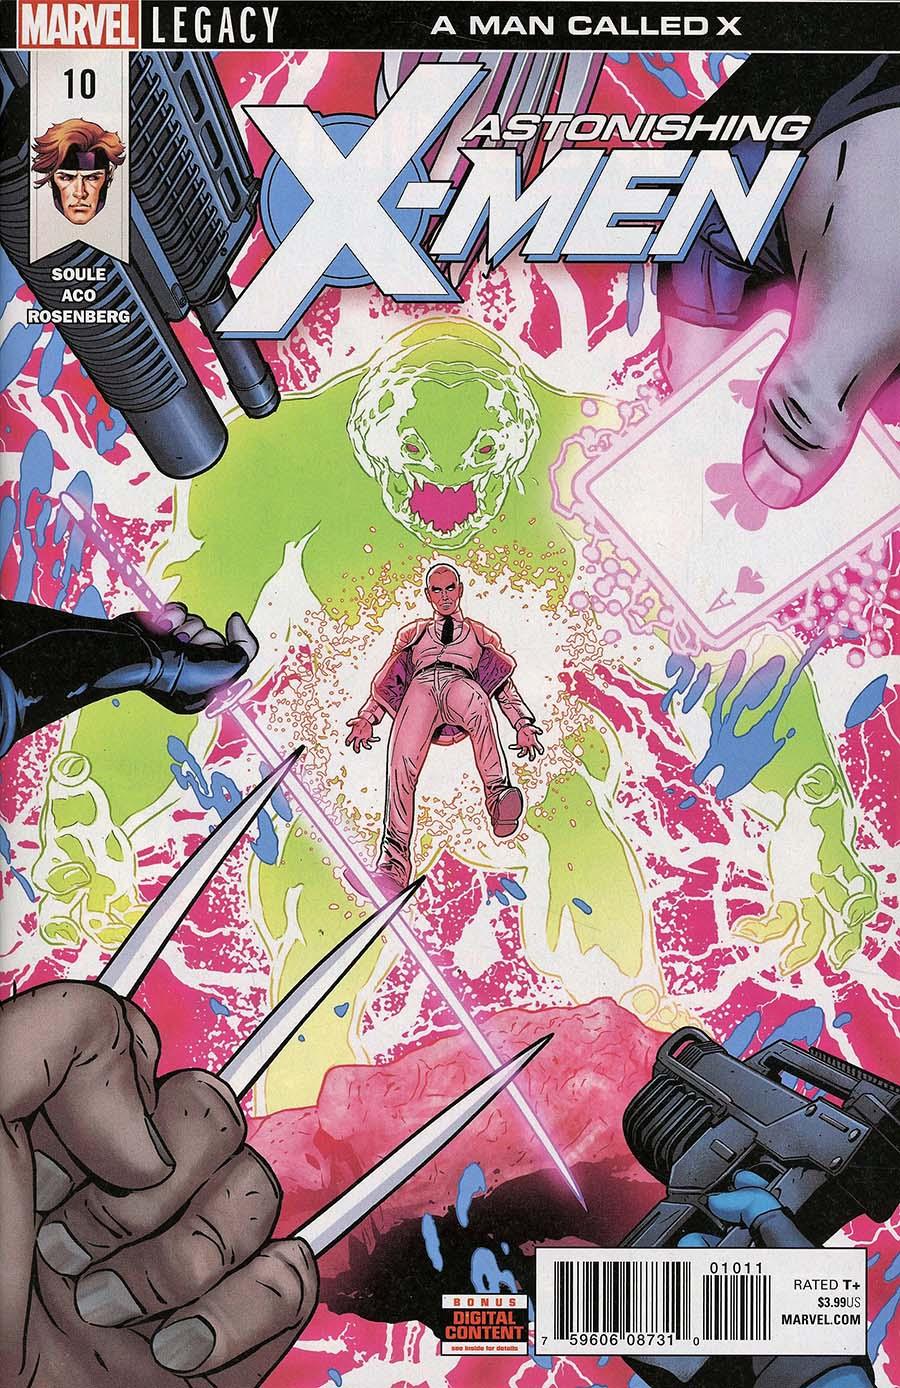 Astonishing X-Men Vol 4 #10